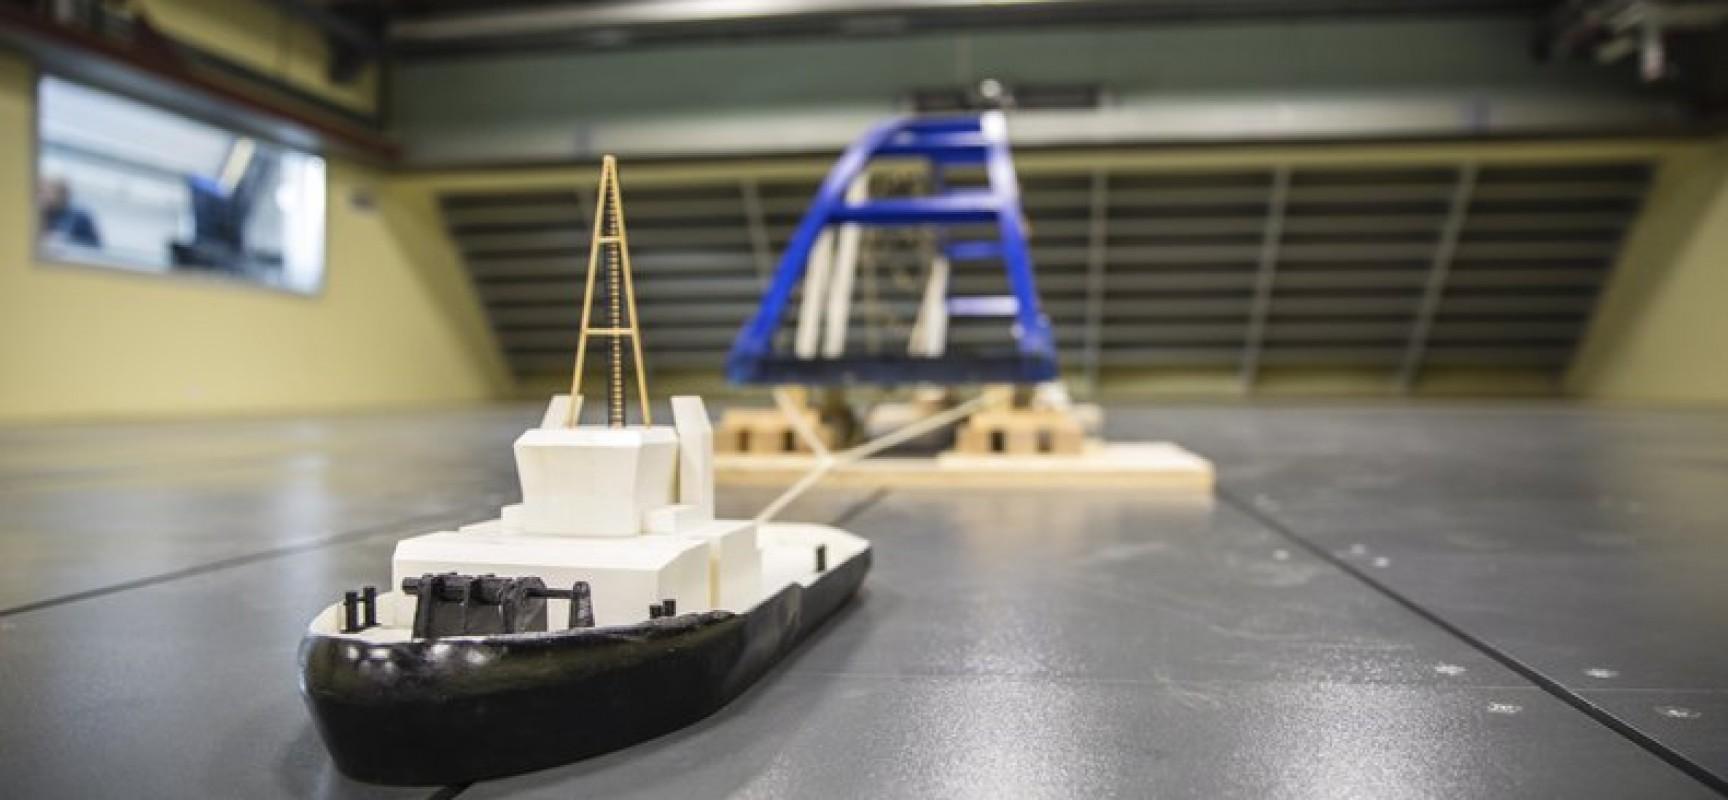 Специалисты Крыловского государственного научного центра смоделировали транспортировку судоходных арок Крымского моста